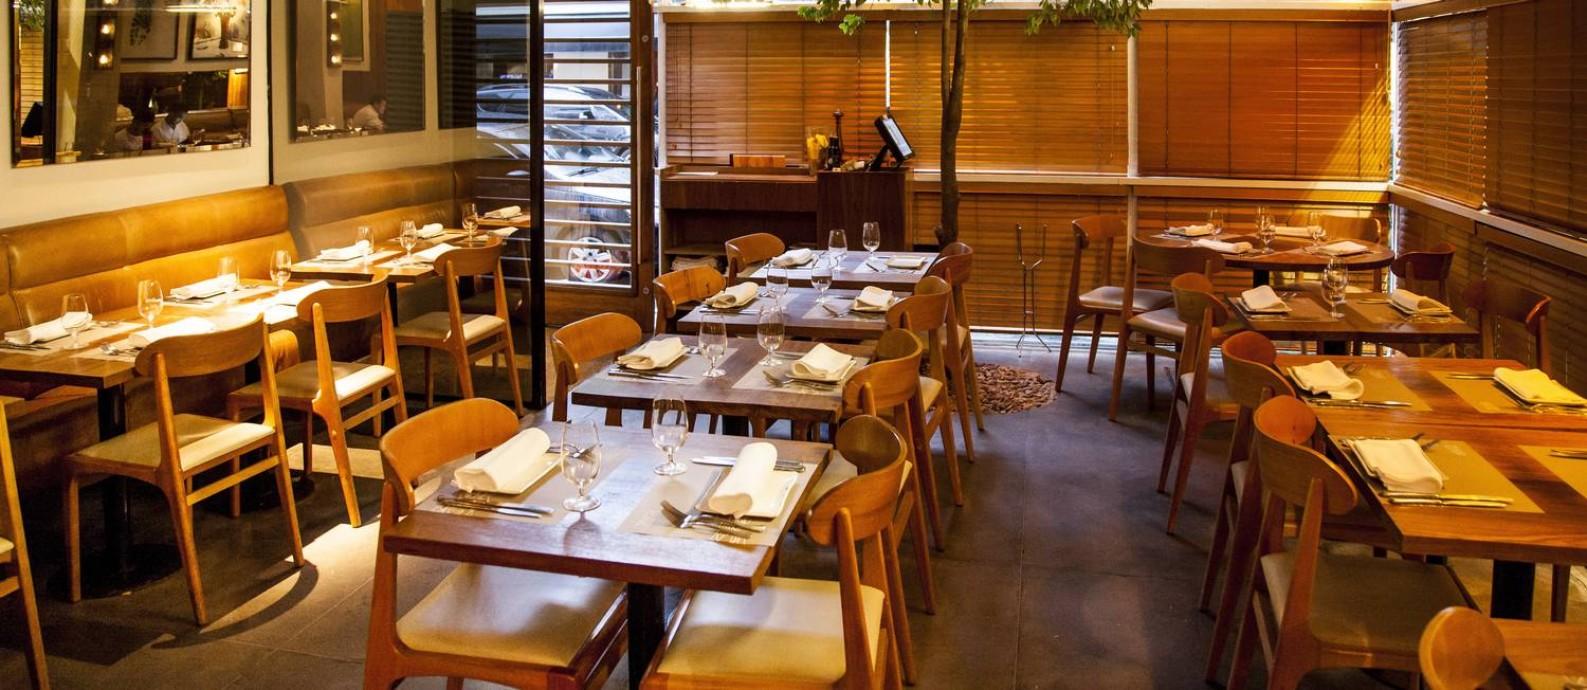 Casa faz um revival dos melhores momentos de seu menu, o Experiência Zuka 15 anos, com nove serviços Foto: Hermes de Paula / Agência O Globo